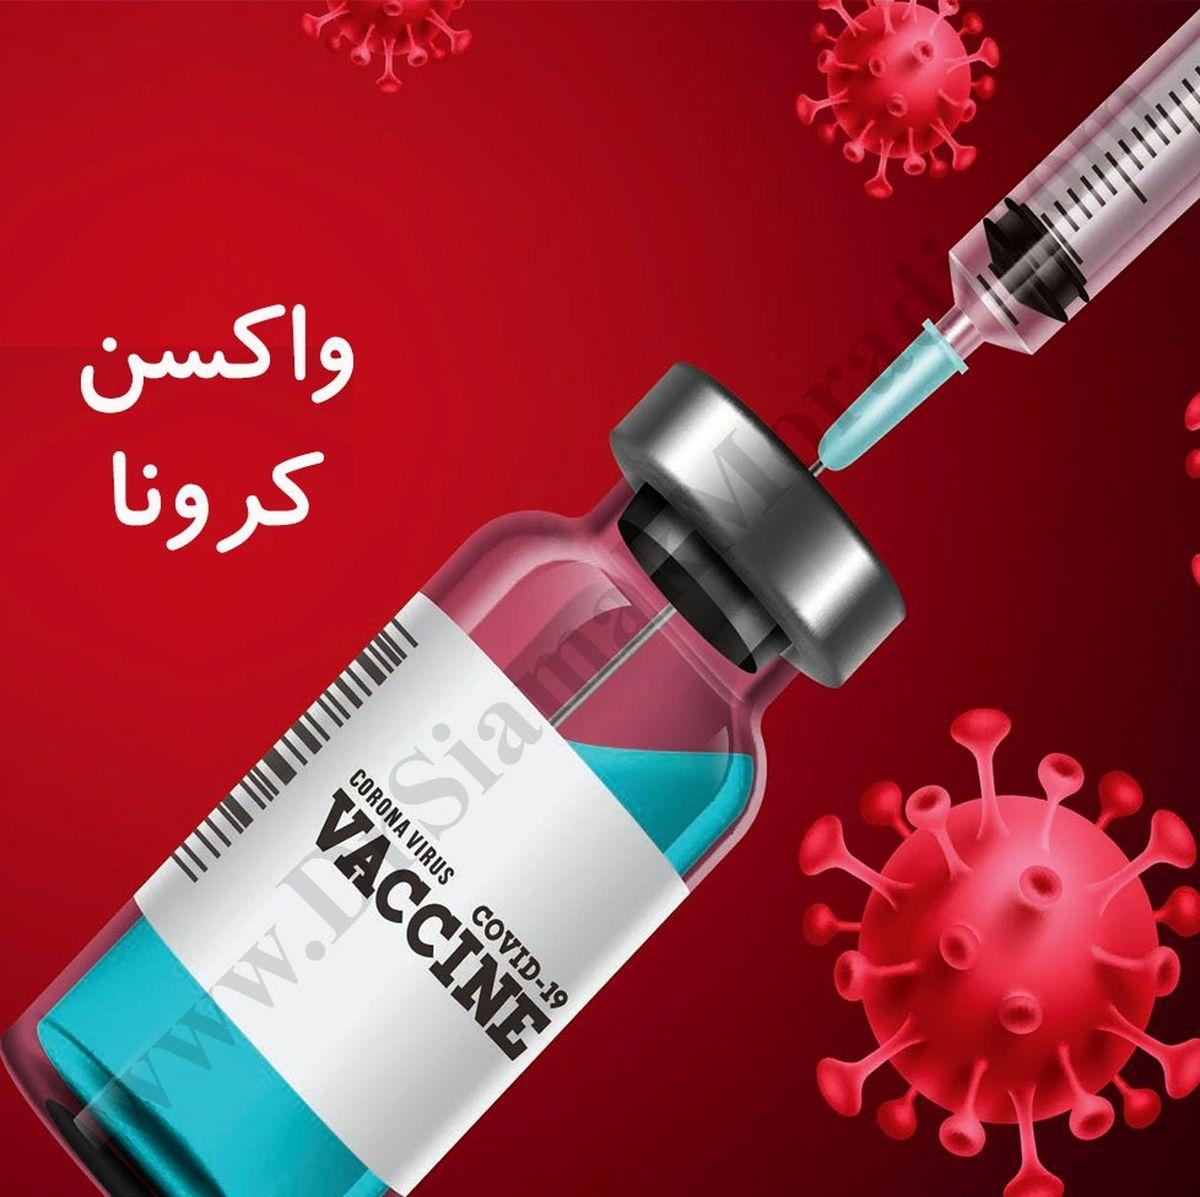 دز جدید واکسن کرونا امروز وارد می شود / جزئیات مهم